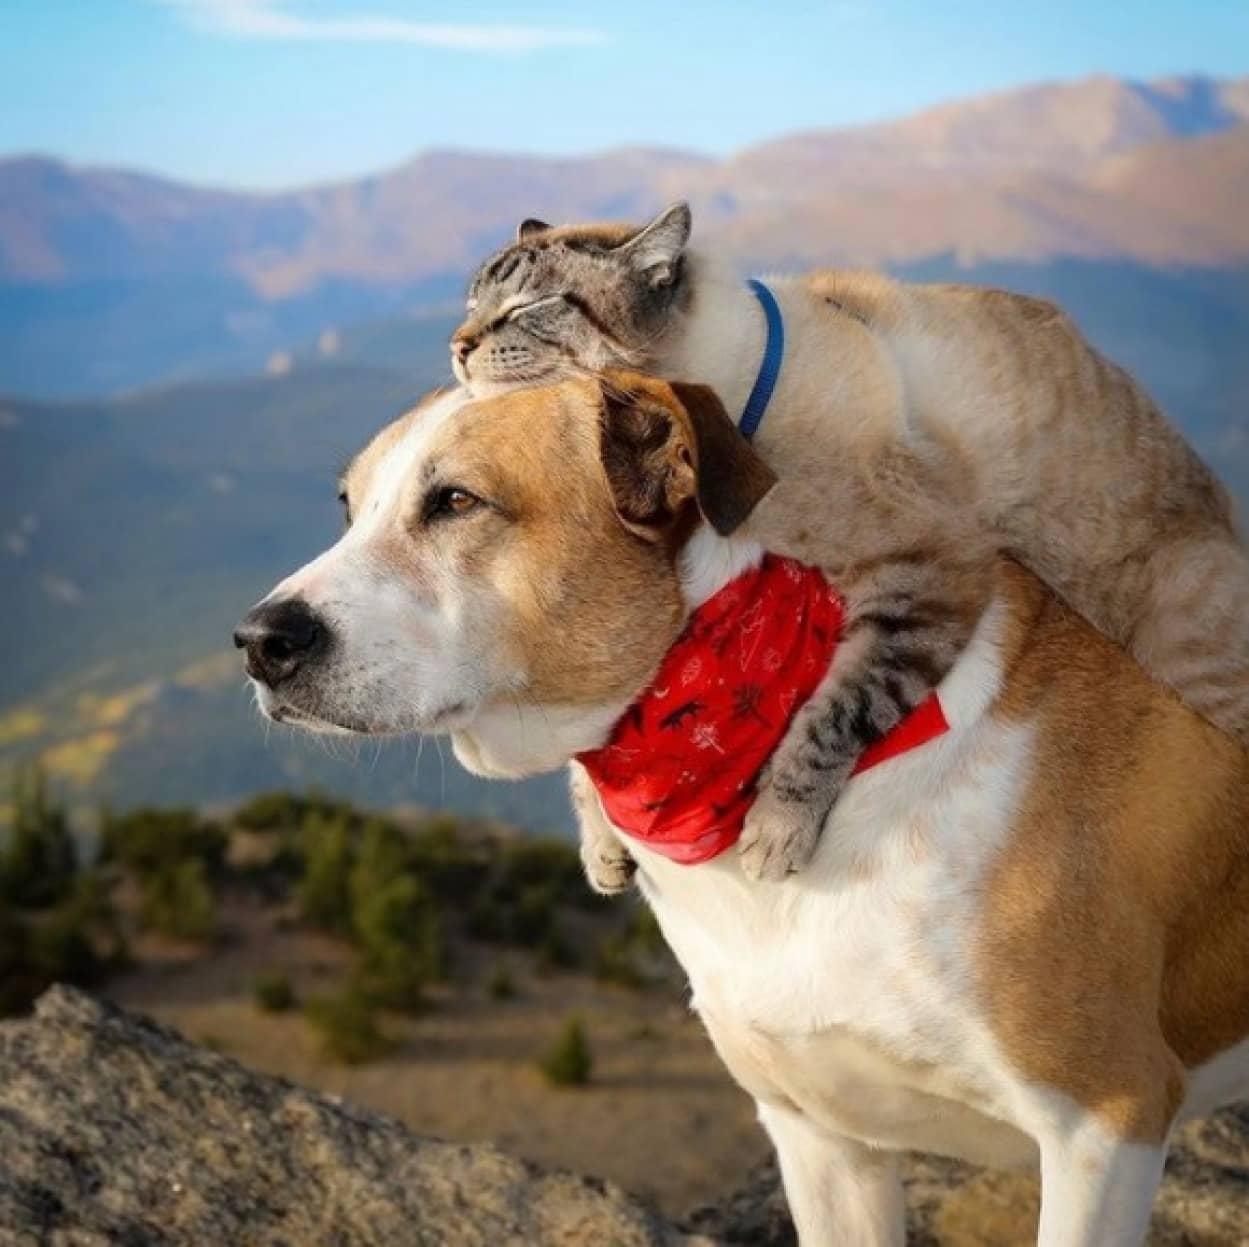 犬と猫が仲良く飼い主と一緒に冒険の旅へ